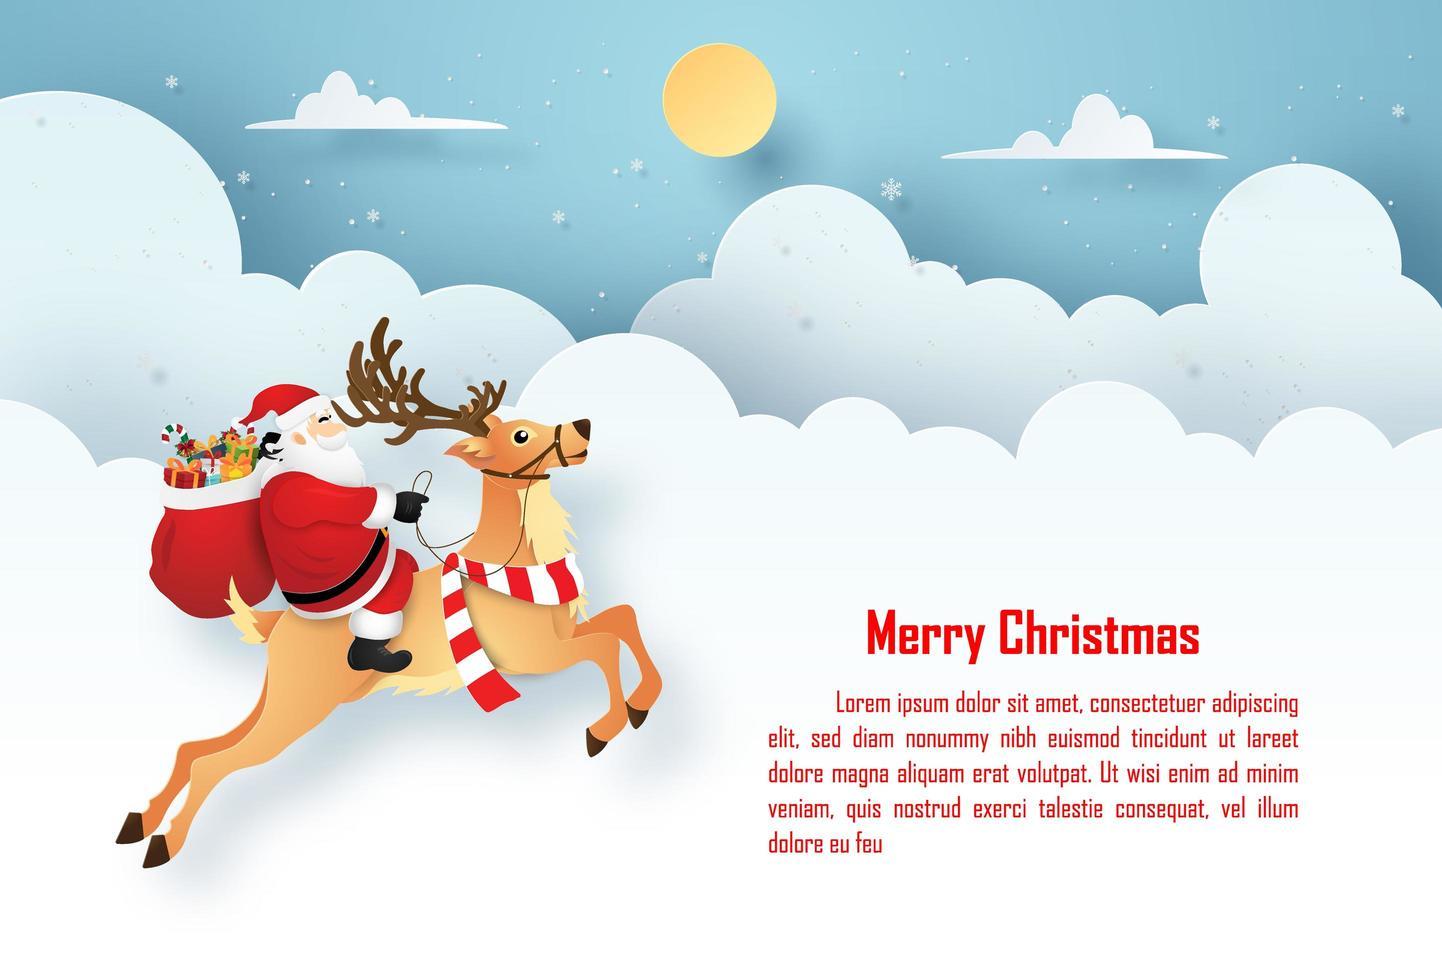 papier origami art carte postale de noël père noël et renne sur le ciel avec espace copie, joyeux noël et bonne année vecteur